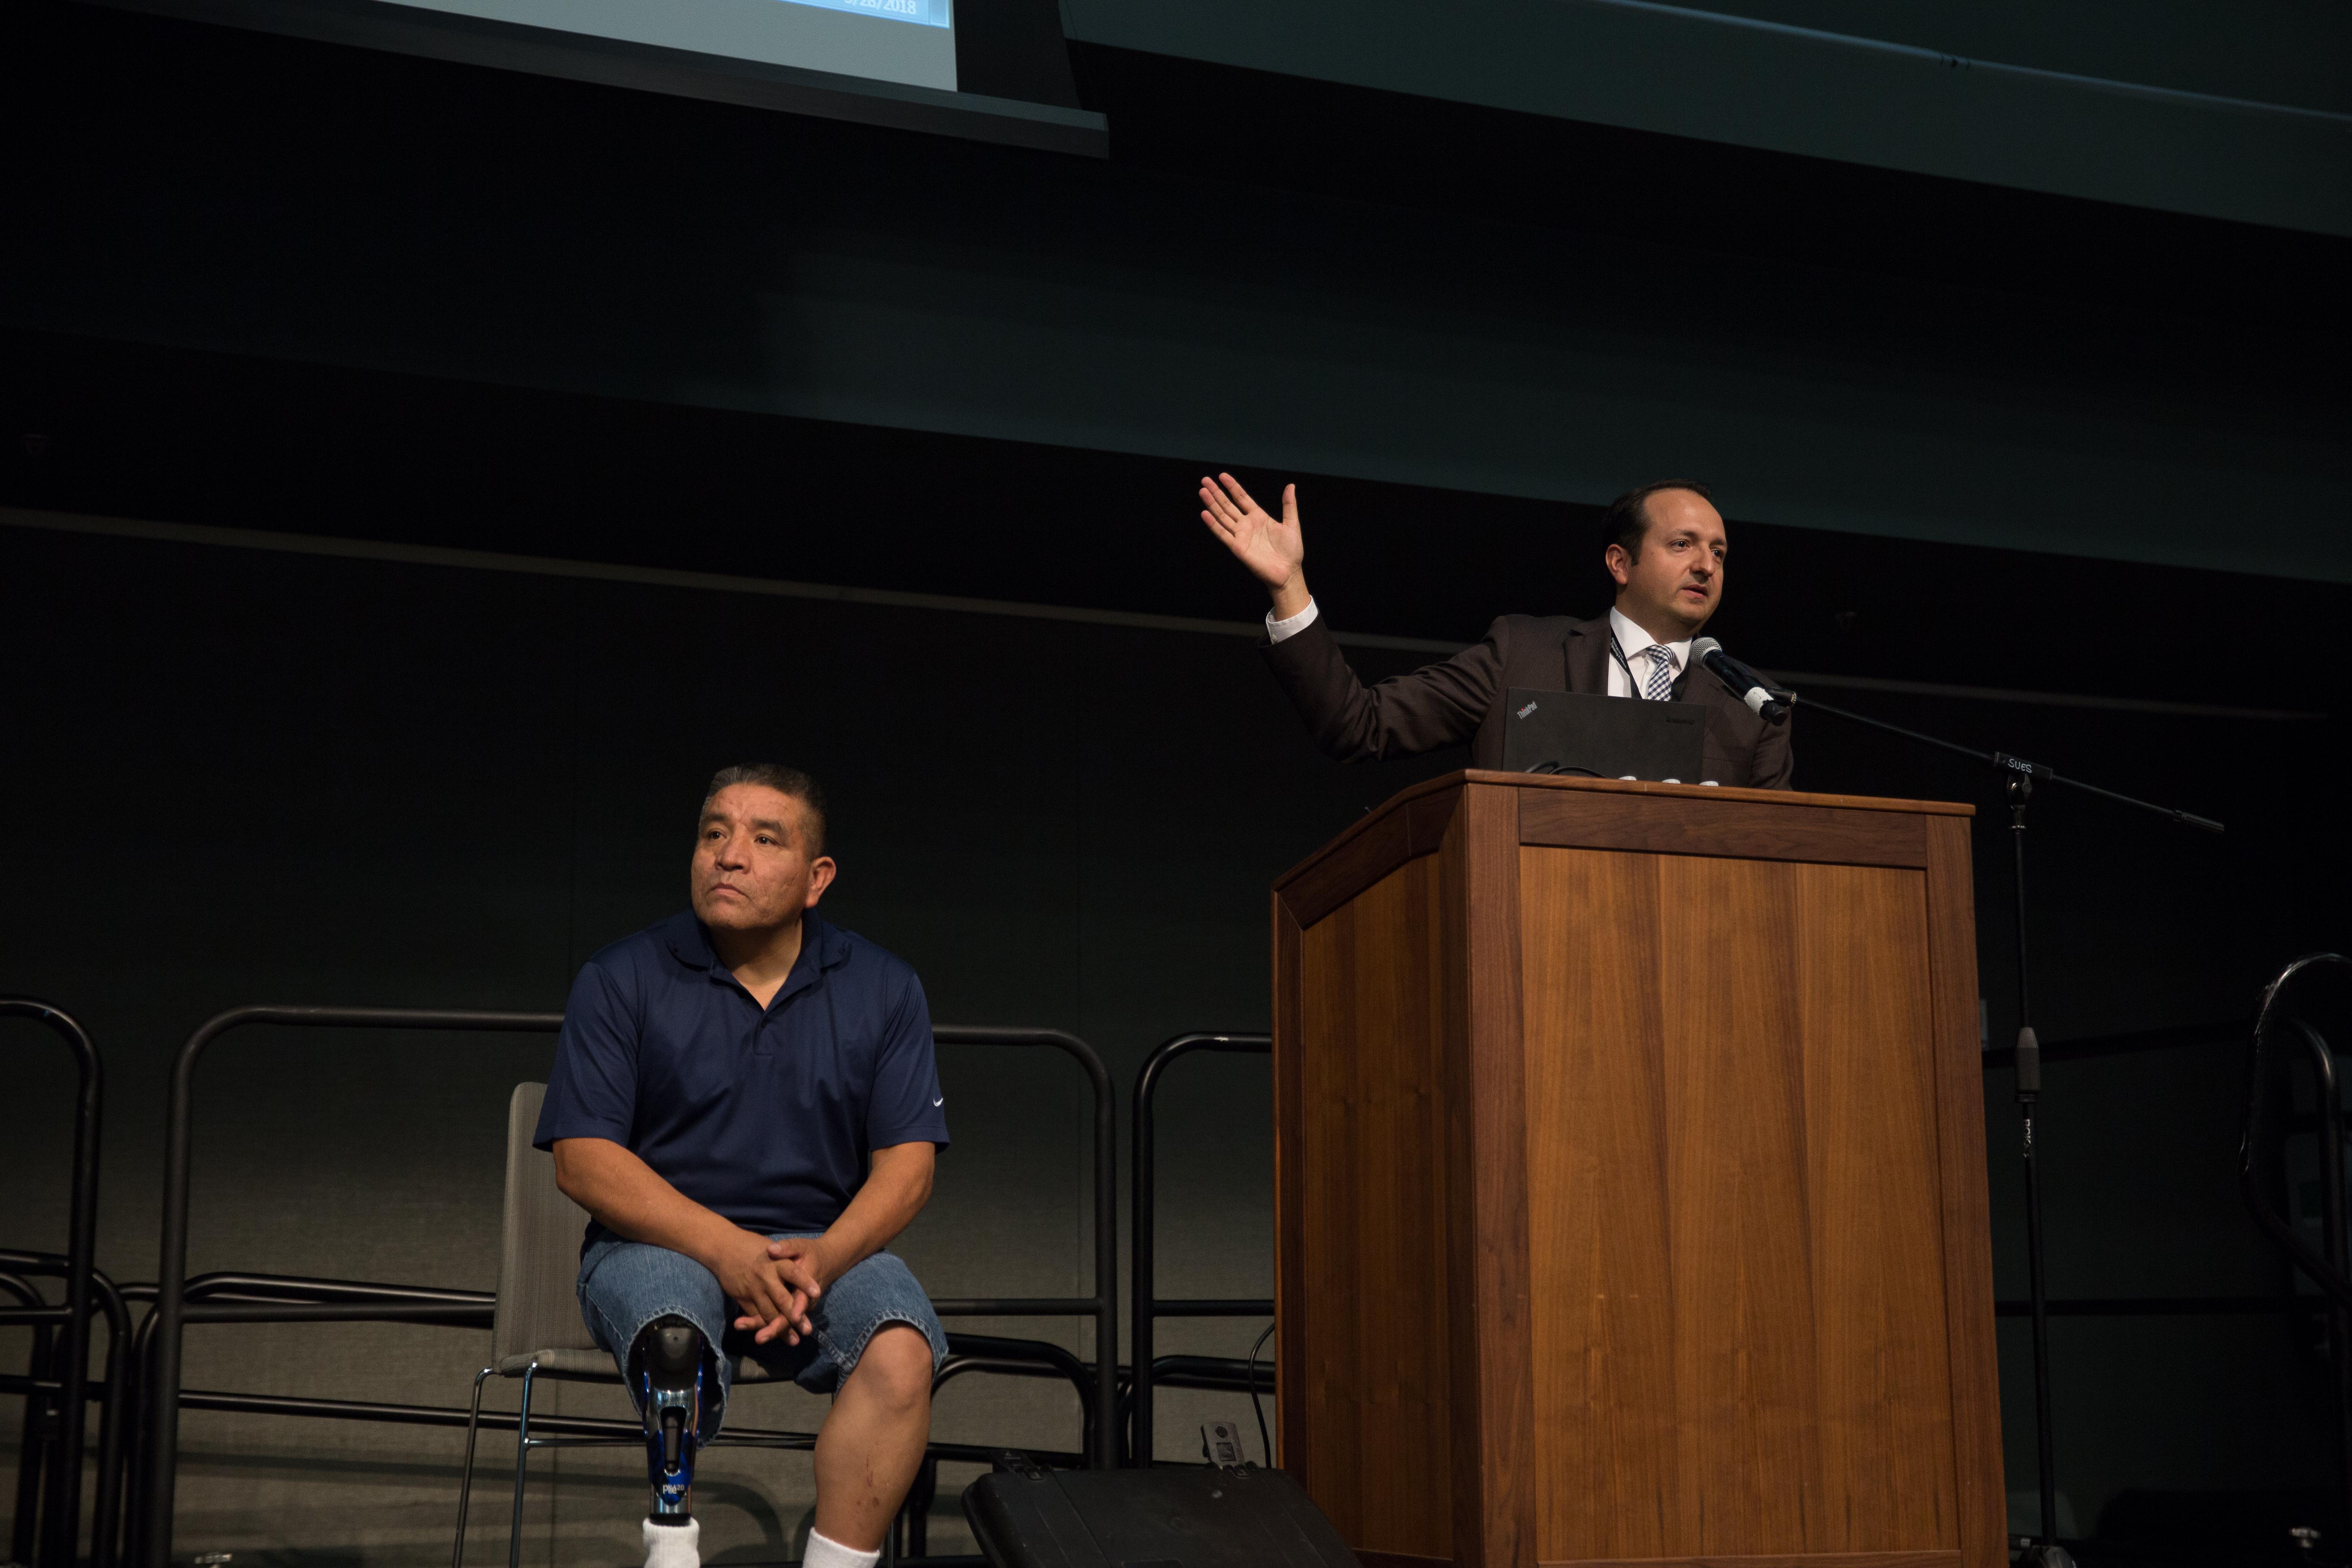 Speaker, Keith Sardo